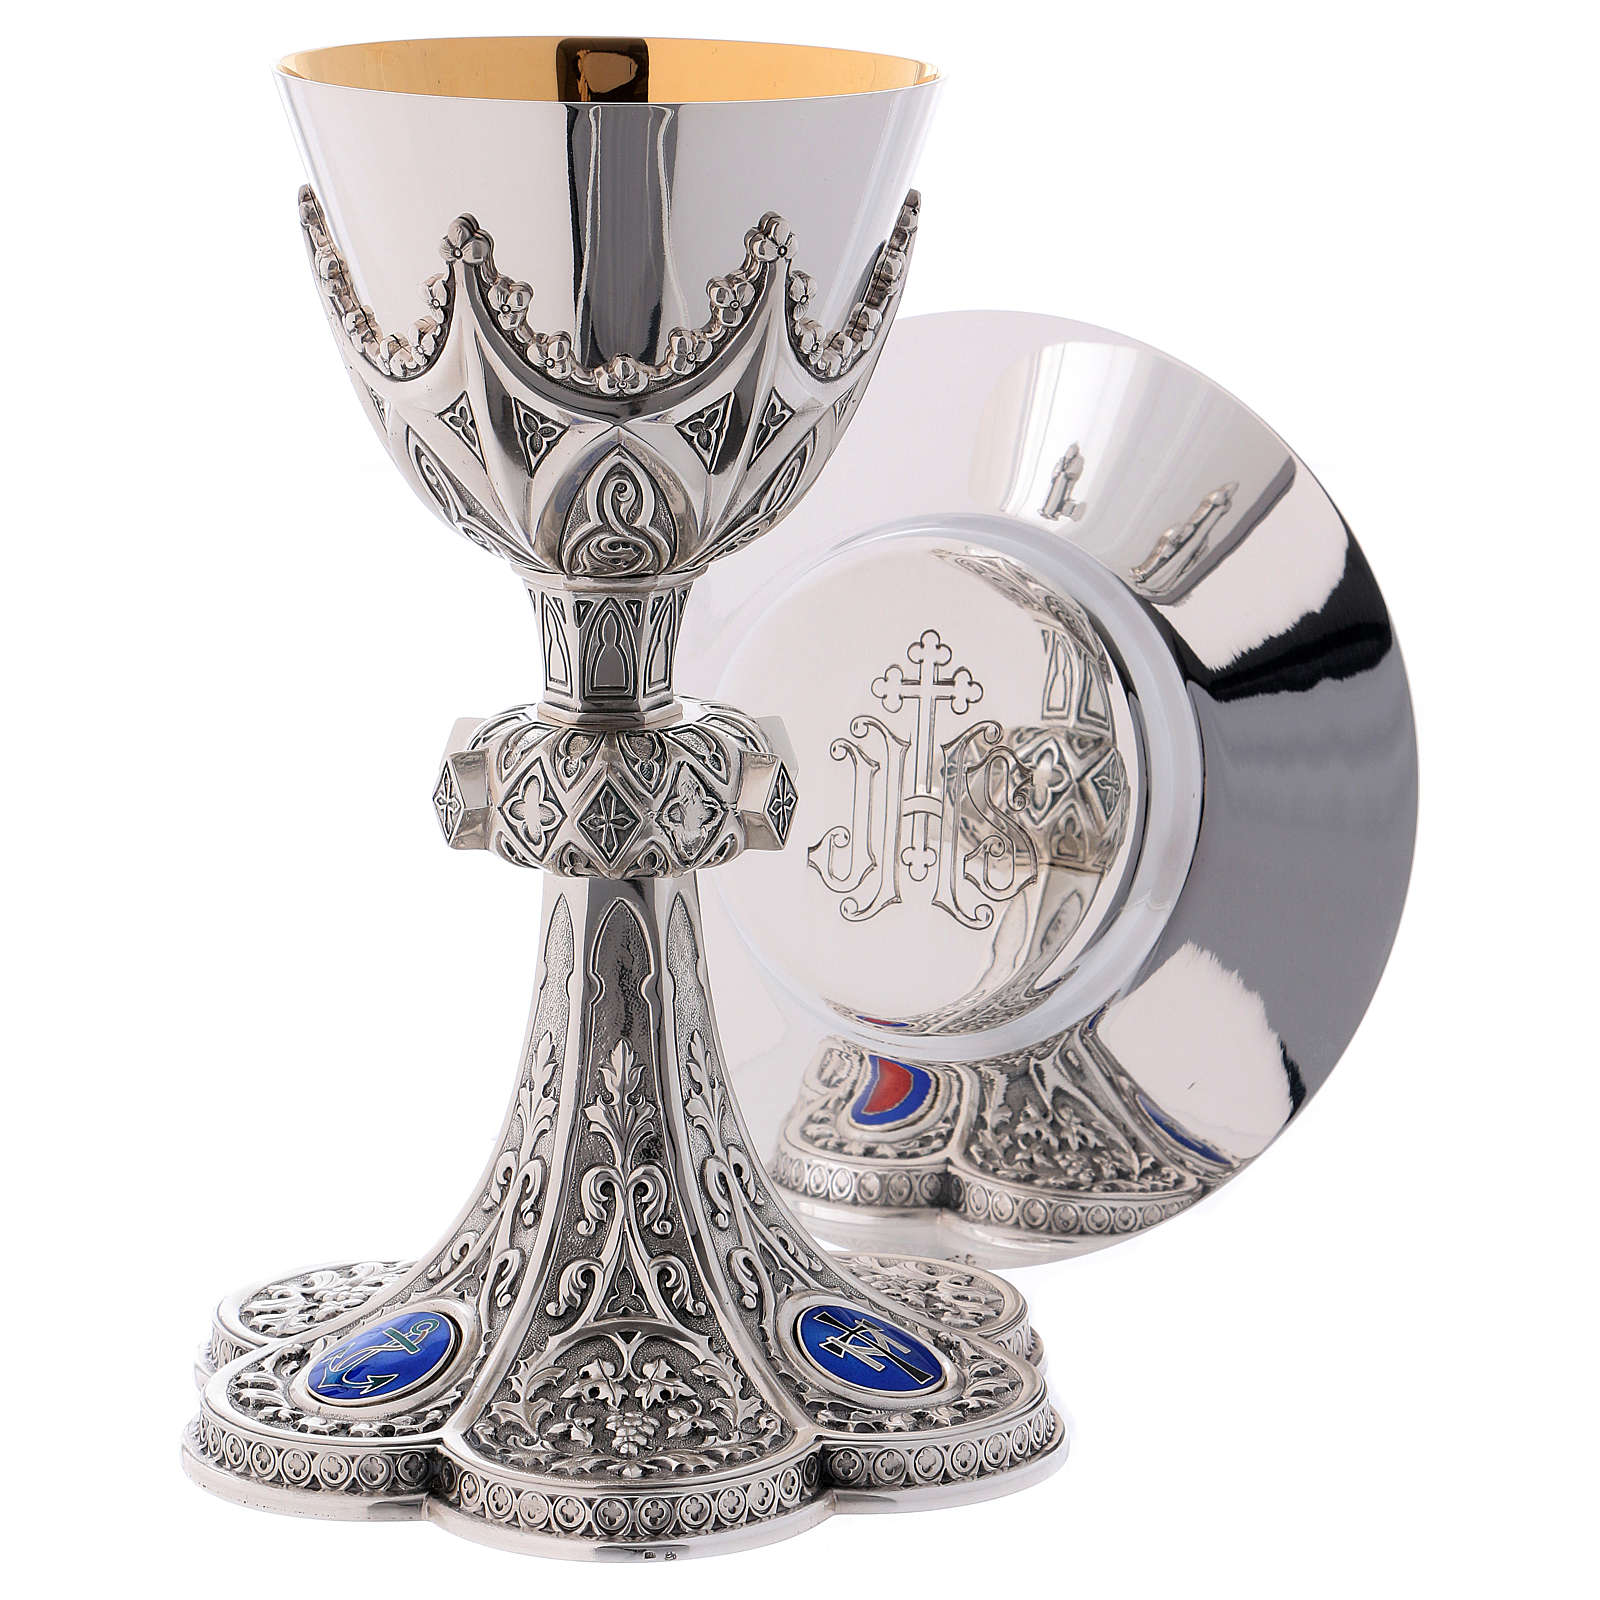 Kielich Pateny Puszka Molina dekoracja gotycka medaliony lite srebro 925 4